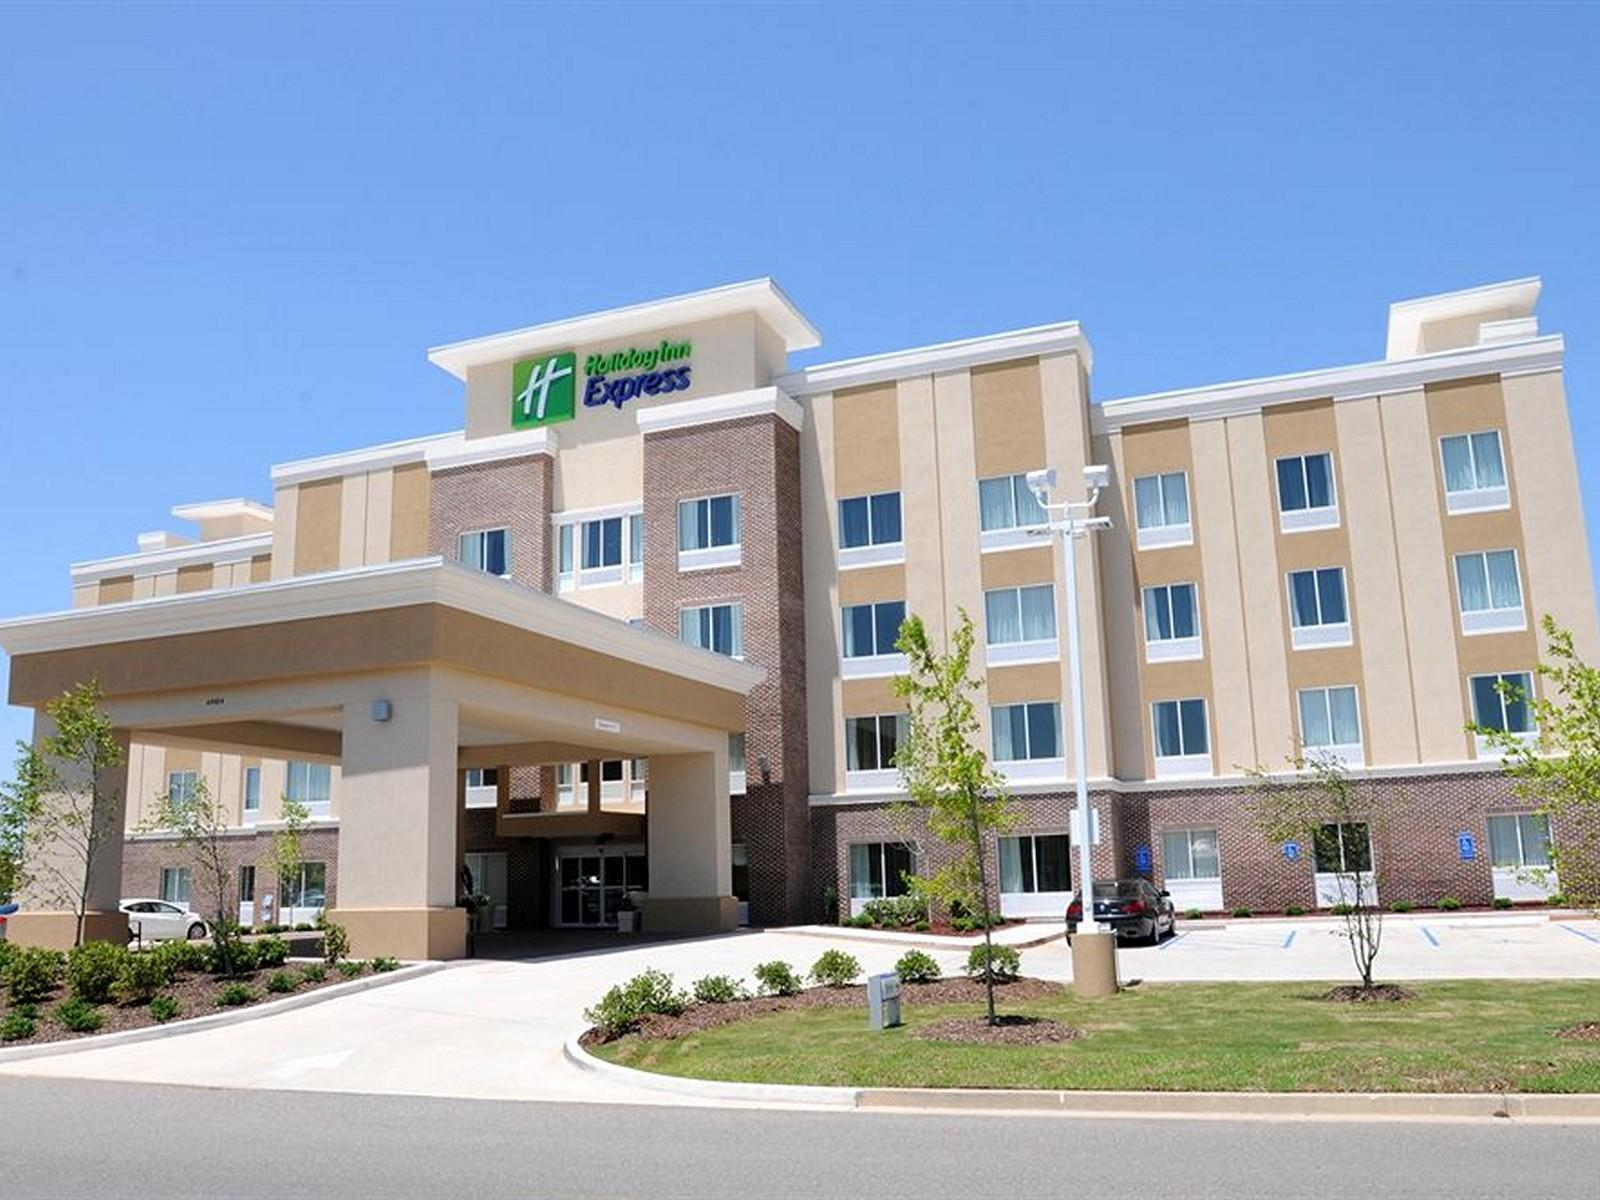 Holiday Inn Express Covington-Madisonville, Saint Tammany